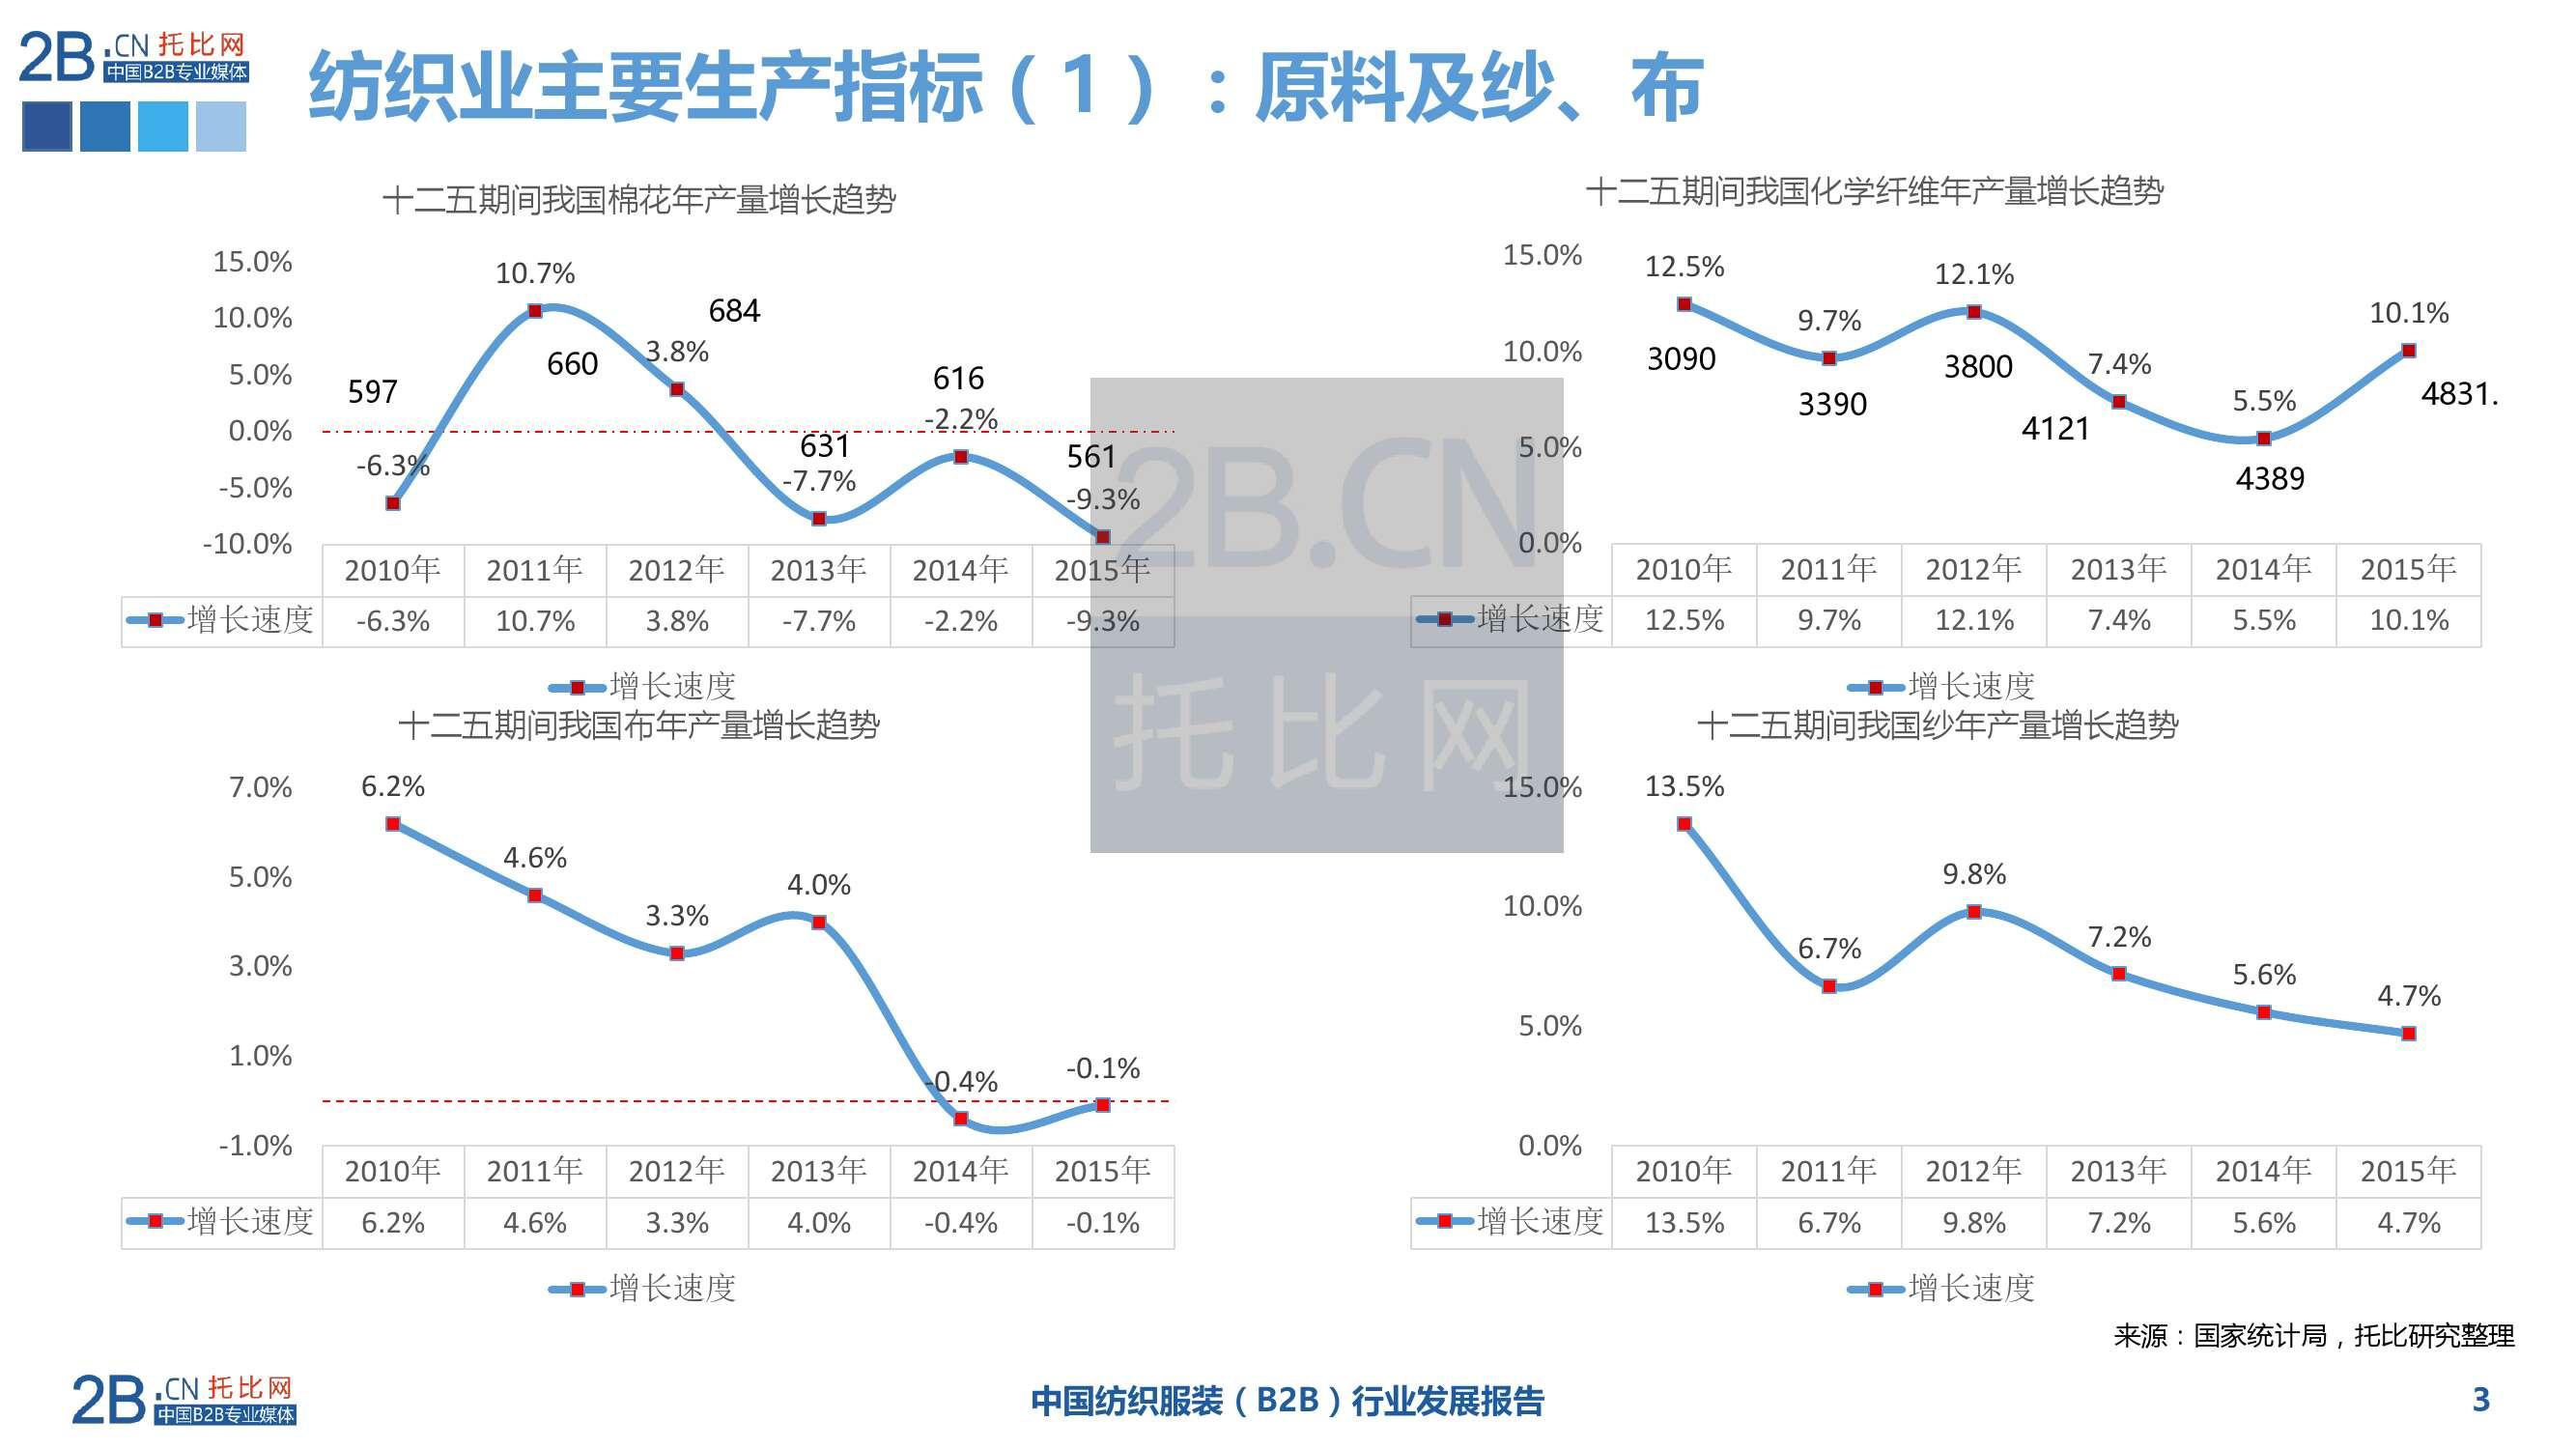 2015年中国纺织服装B2B行业发展报告_000003